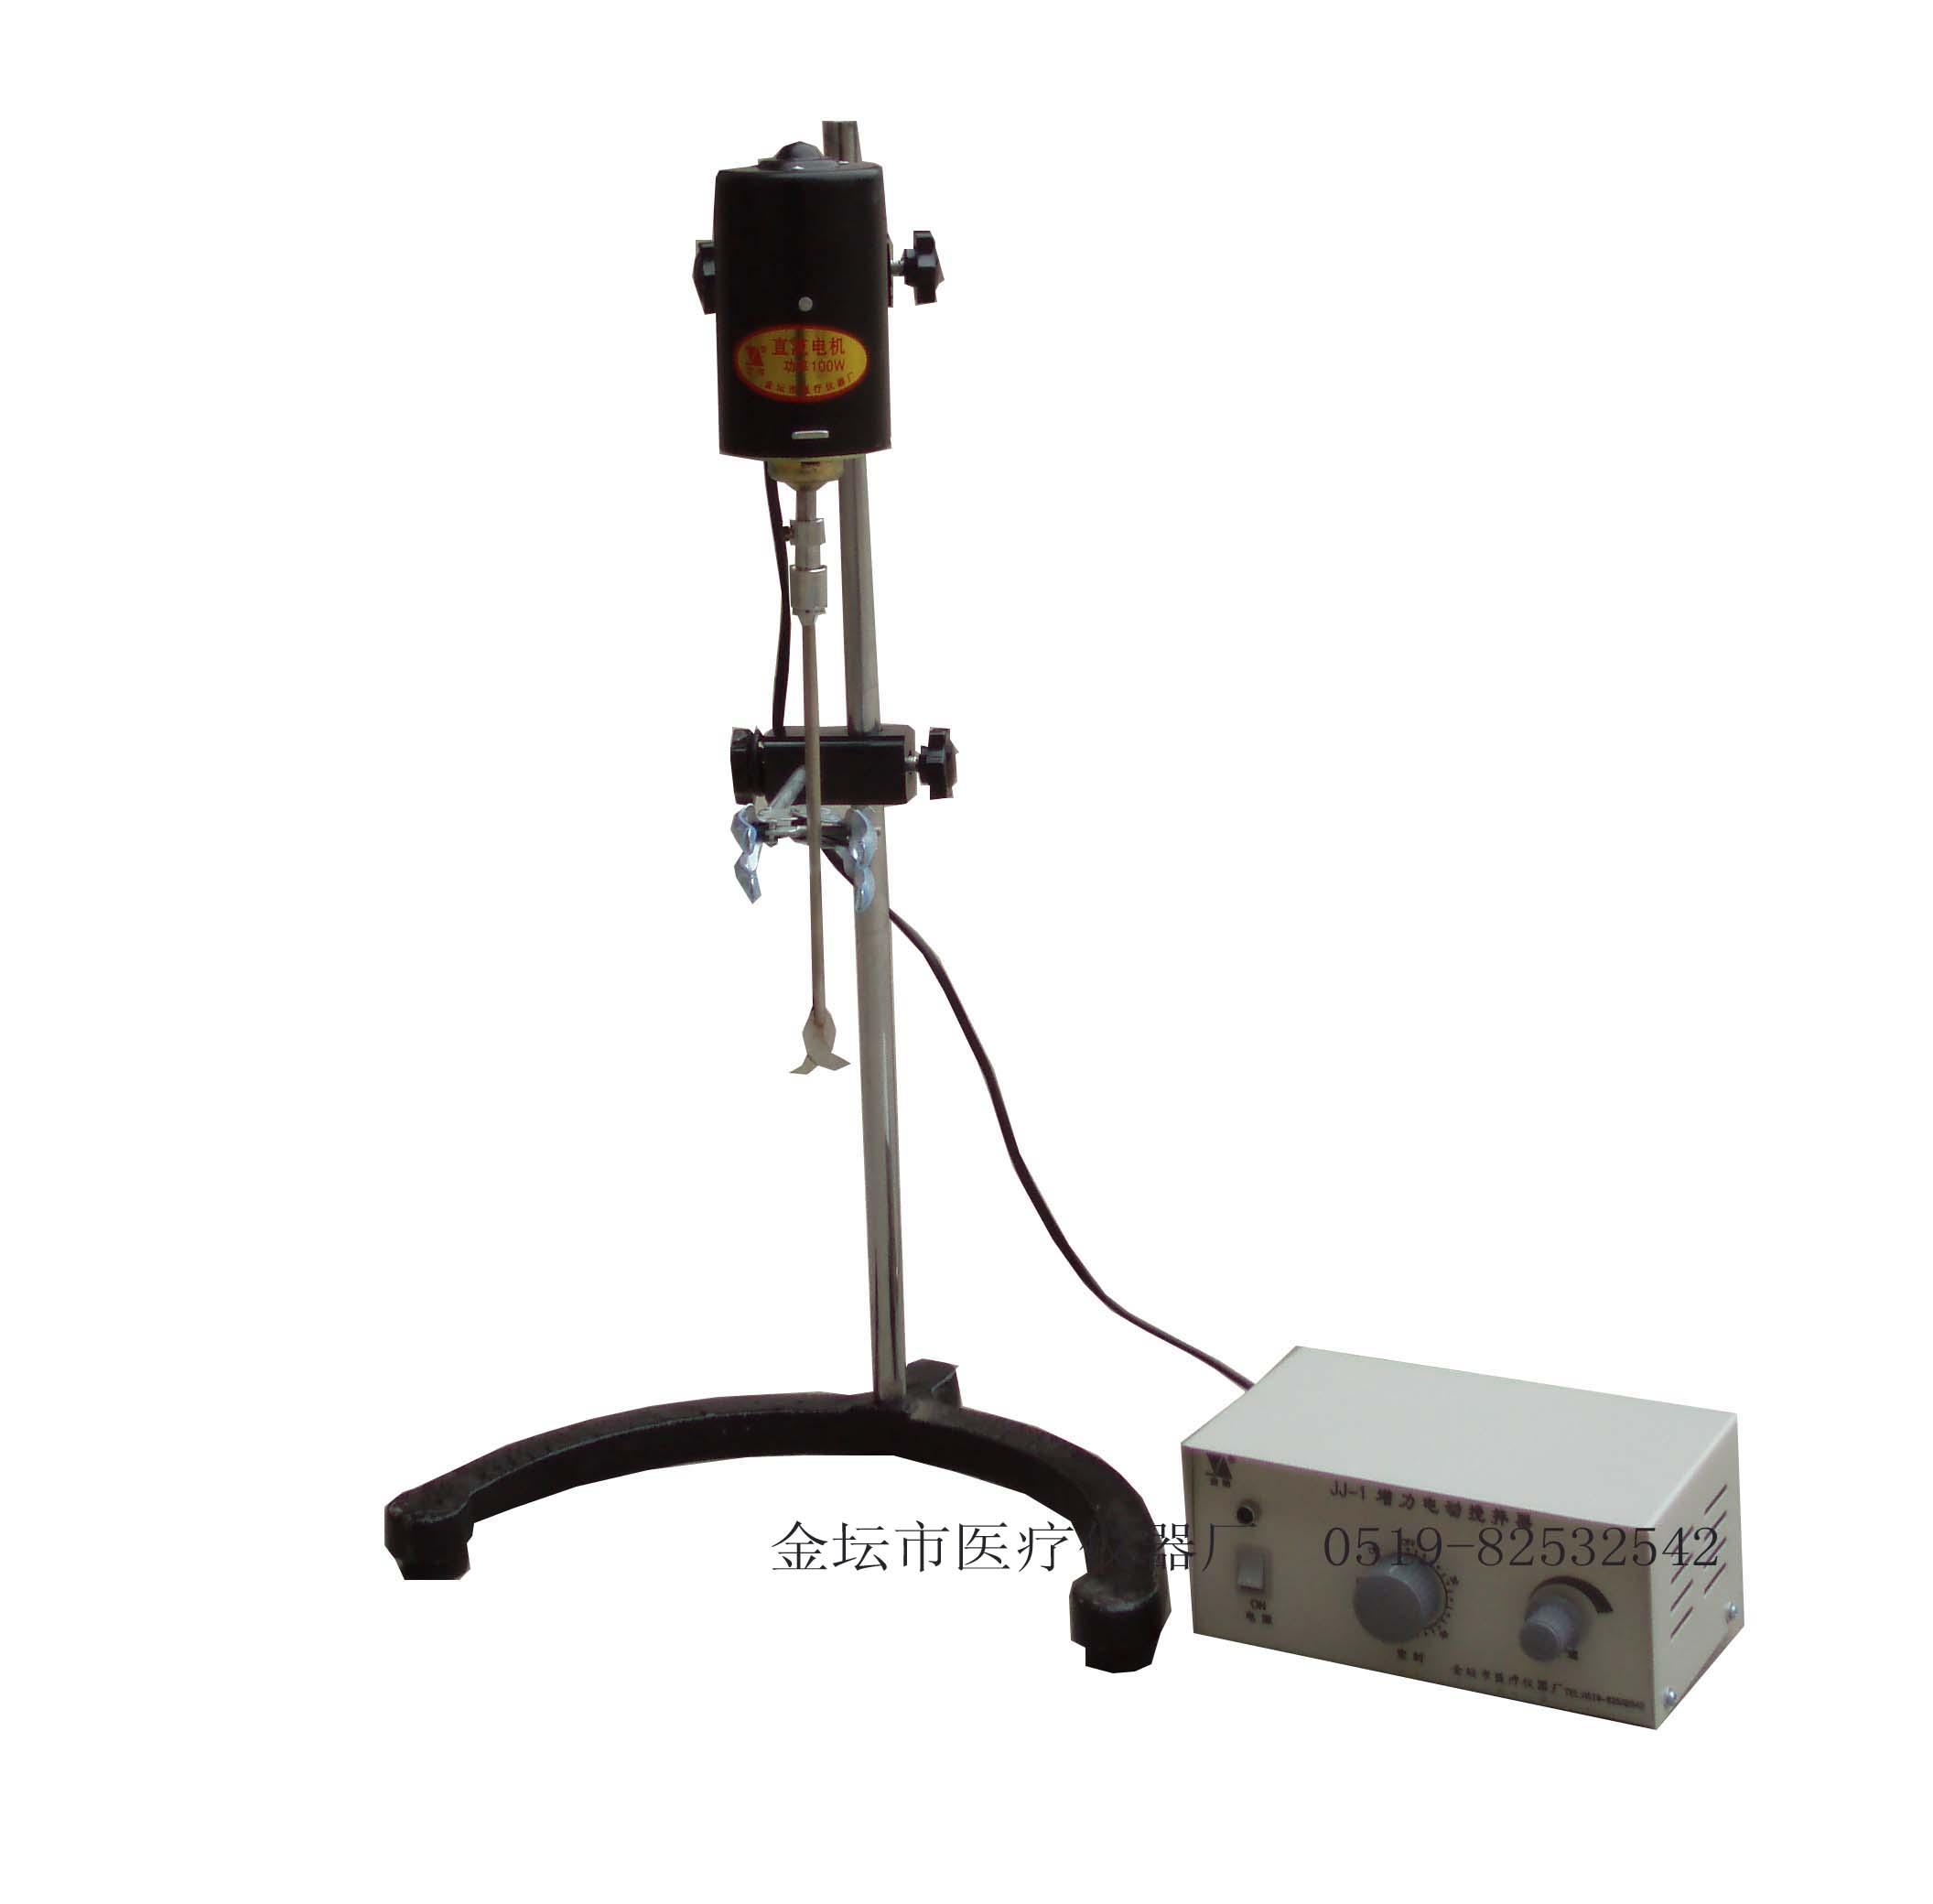 江苏金坛JJ-1 40W增力电动搅拌器